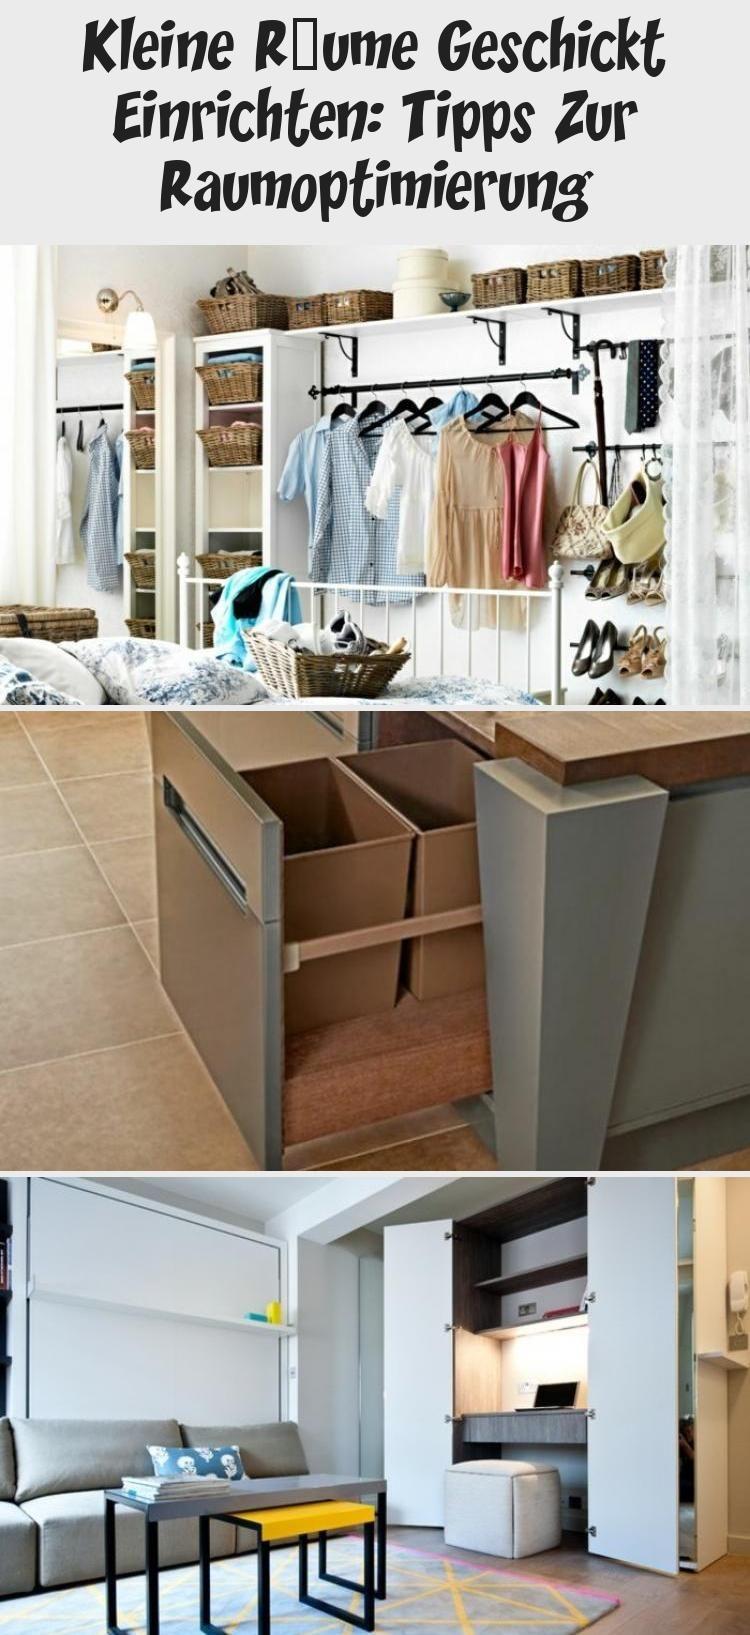 10 Qm Zimmer Einrichten Bett Mit Integriertem Kleiderschrank Treppen Musterteppich Weisser Boden Dekorationjugendzimmer In 2020 Decor Home Decor Furniture